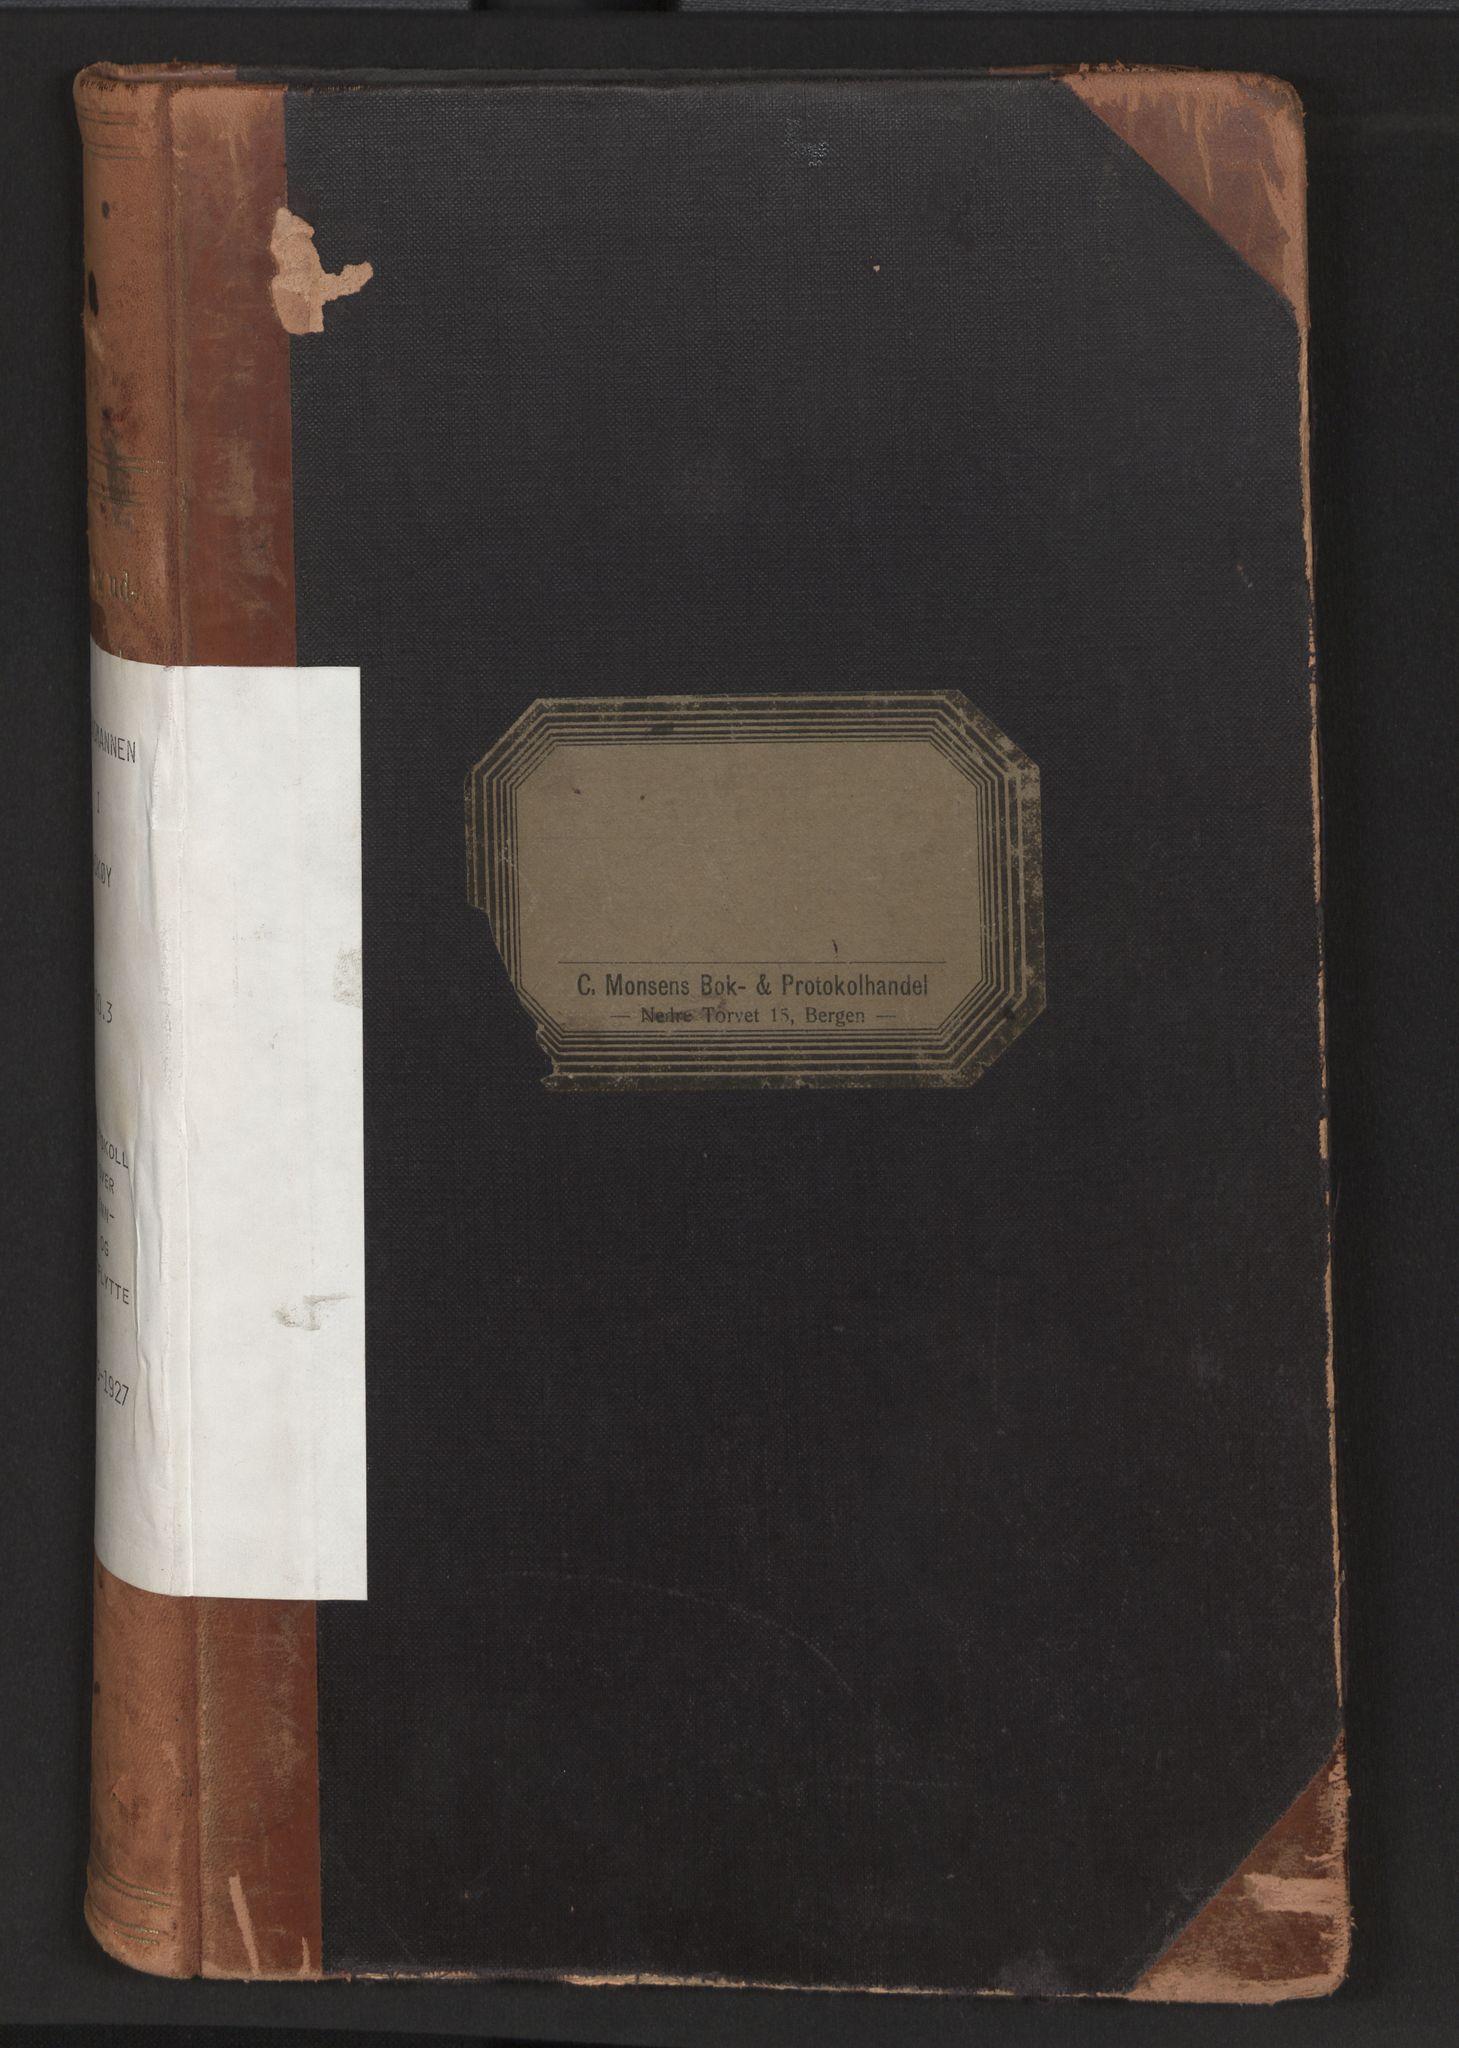 SAB, Lensmannen i Askøy, 0020/L0003: Protokoll over inn- og utflytte, 1915-1923